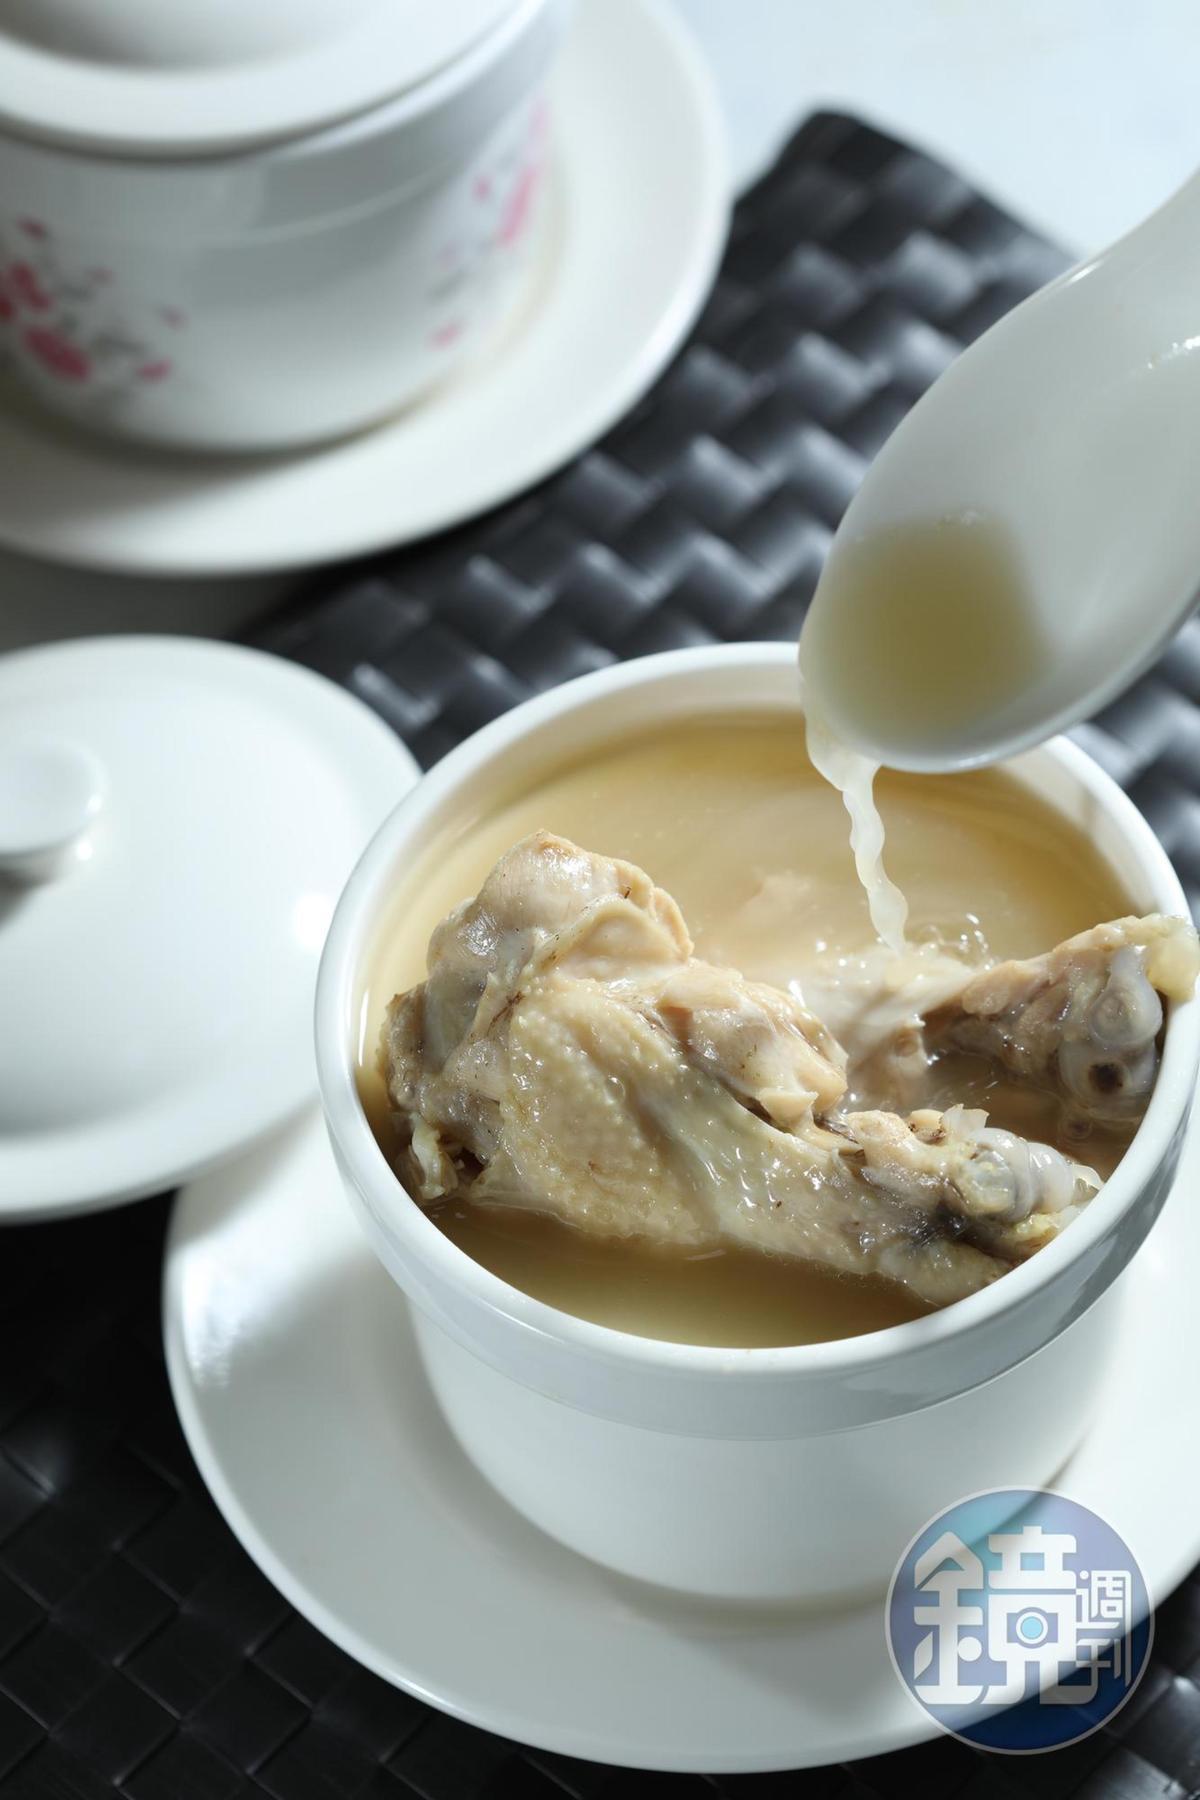 「精燉雞湯」用全雞、金華火腿、干貝和香菇,熬至少10小時以上,喝來濃郁甘醇,還會黏嘴,雞腿肉甜嫩不澀。(180元/盅)